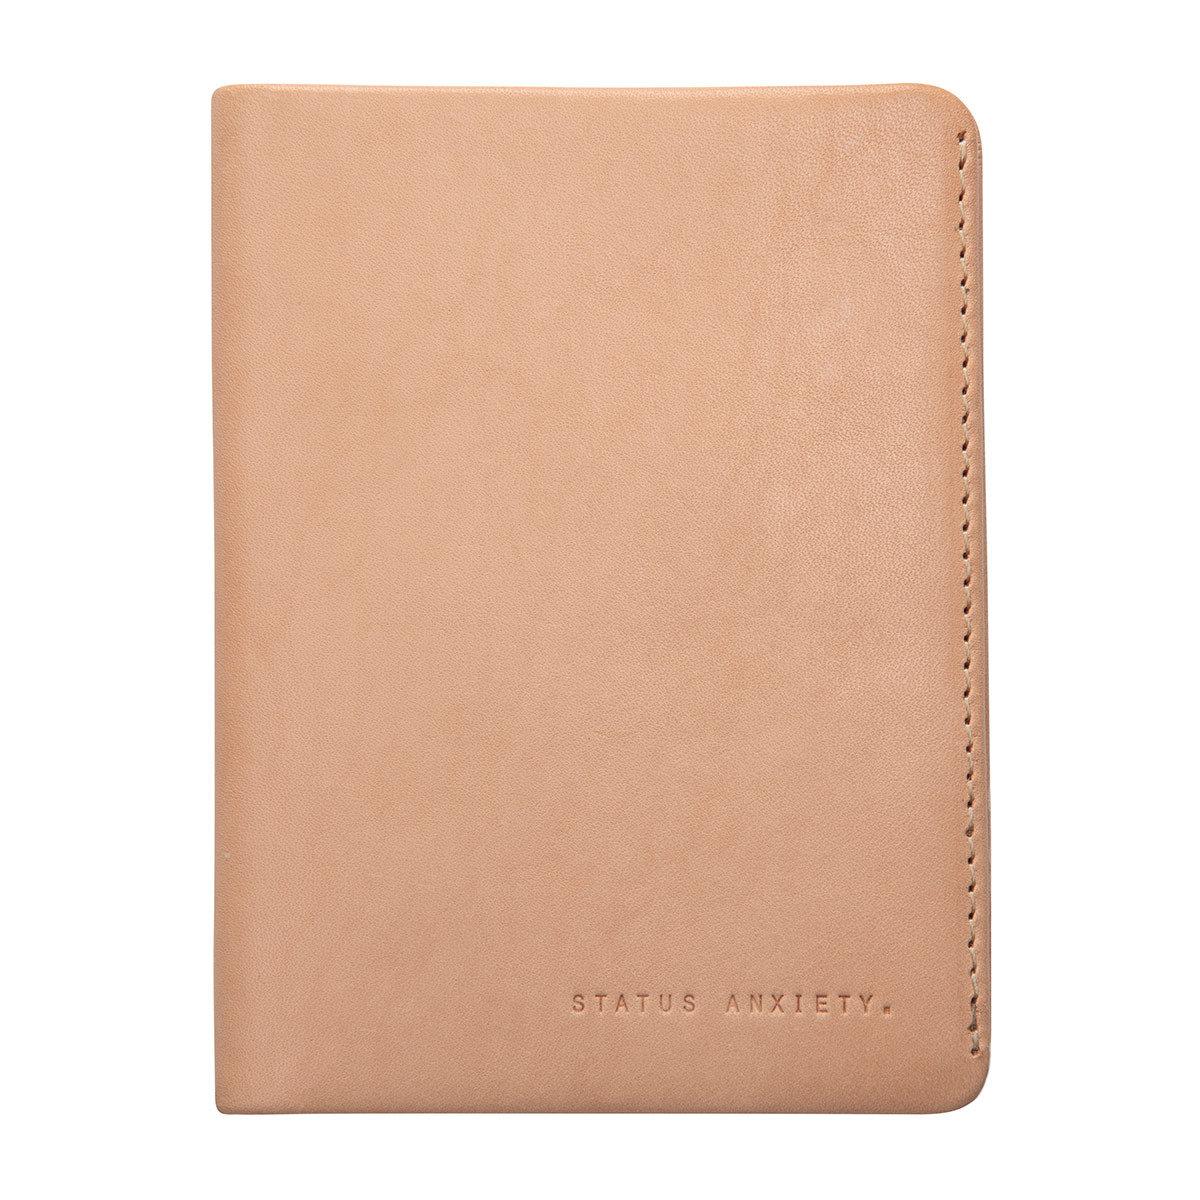 Conquest Passport 銀包